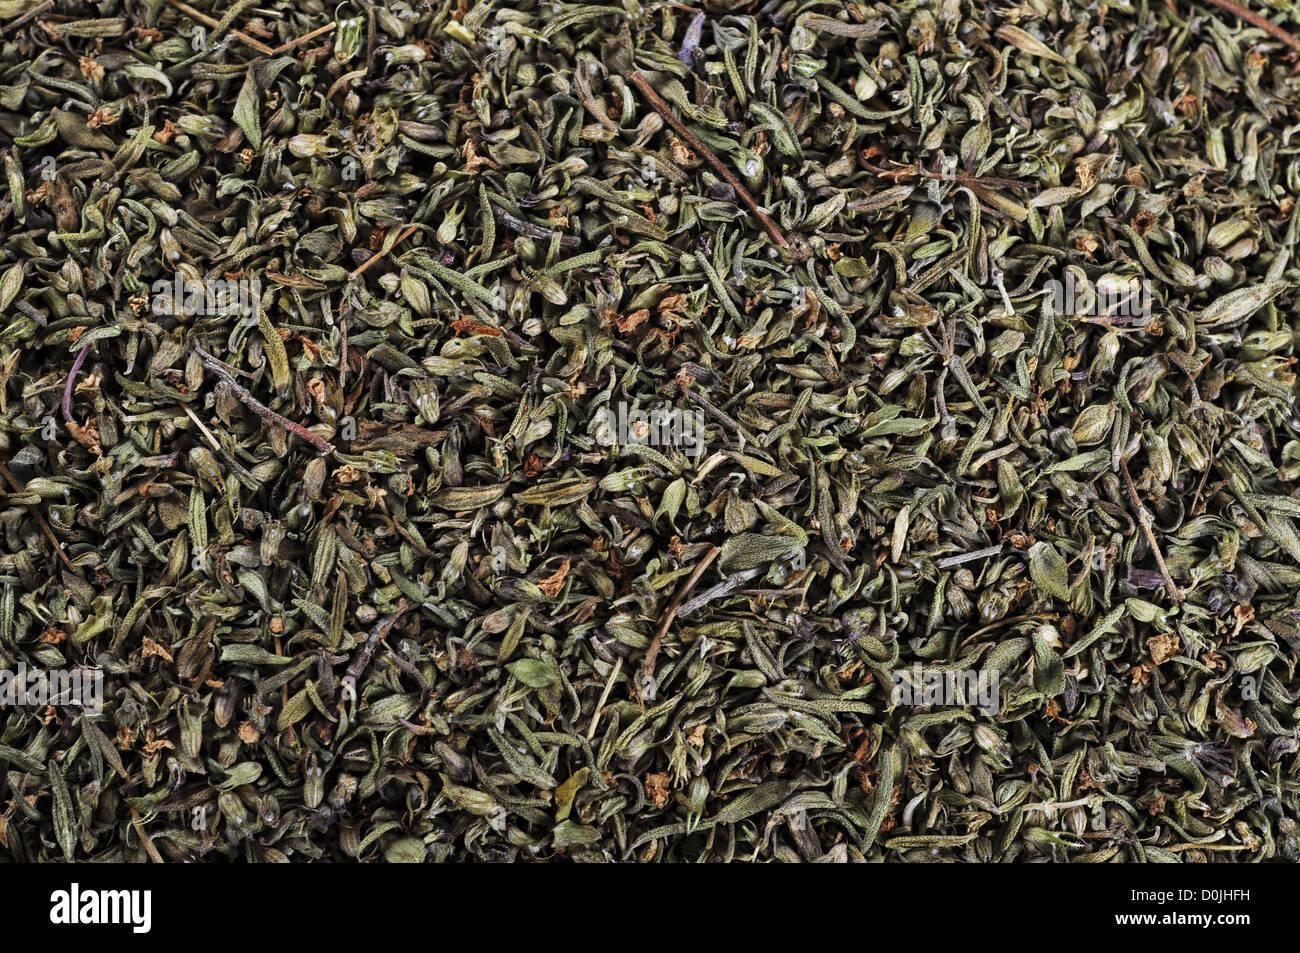 Getrocknetes Bohnenkraut Textur Closeup, können als Hintergrund verwendet Stockbild